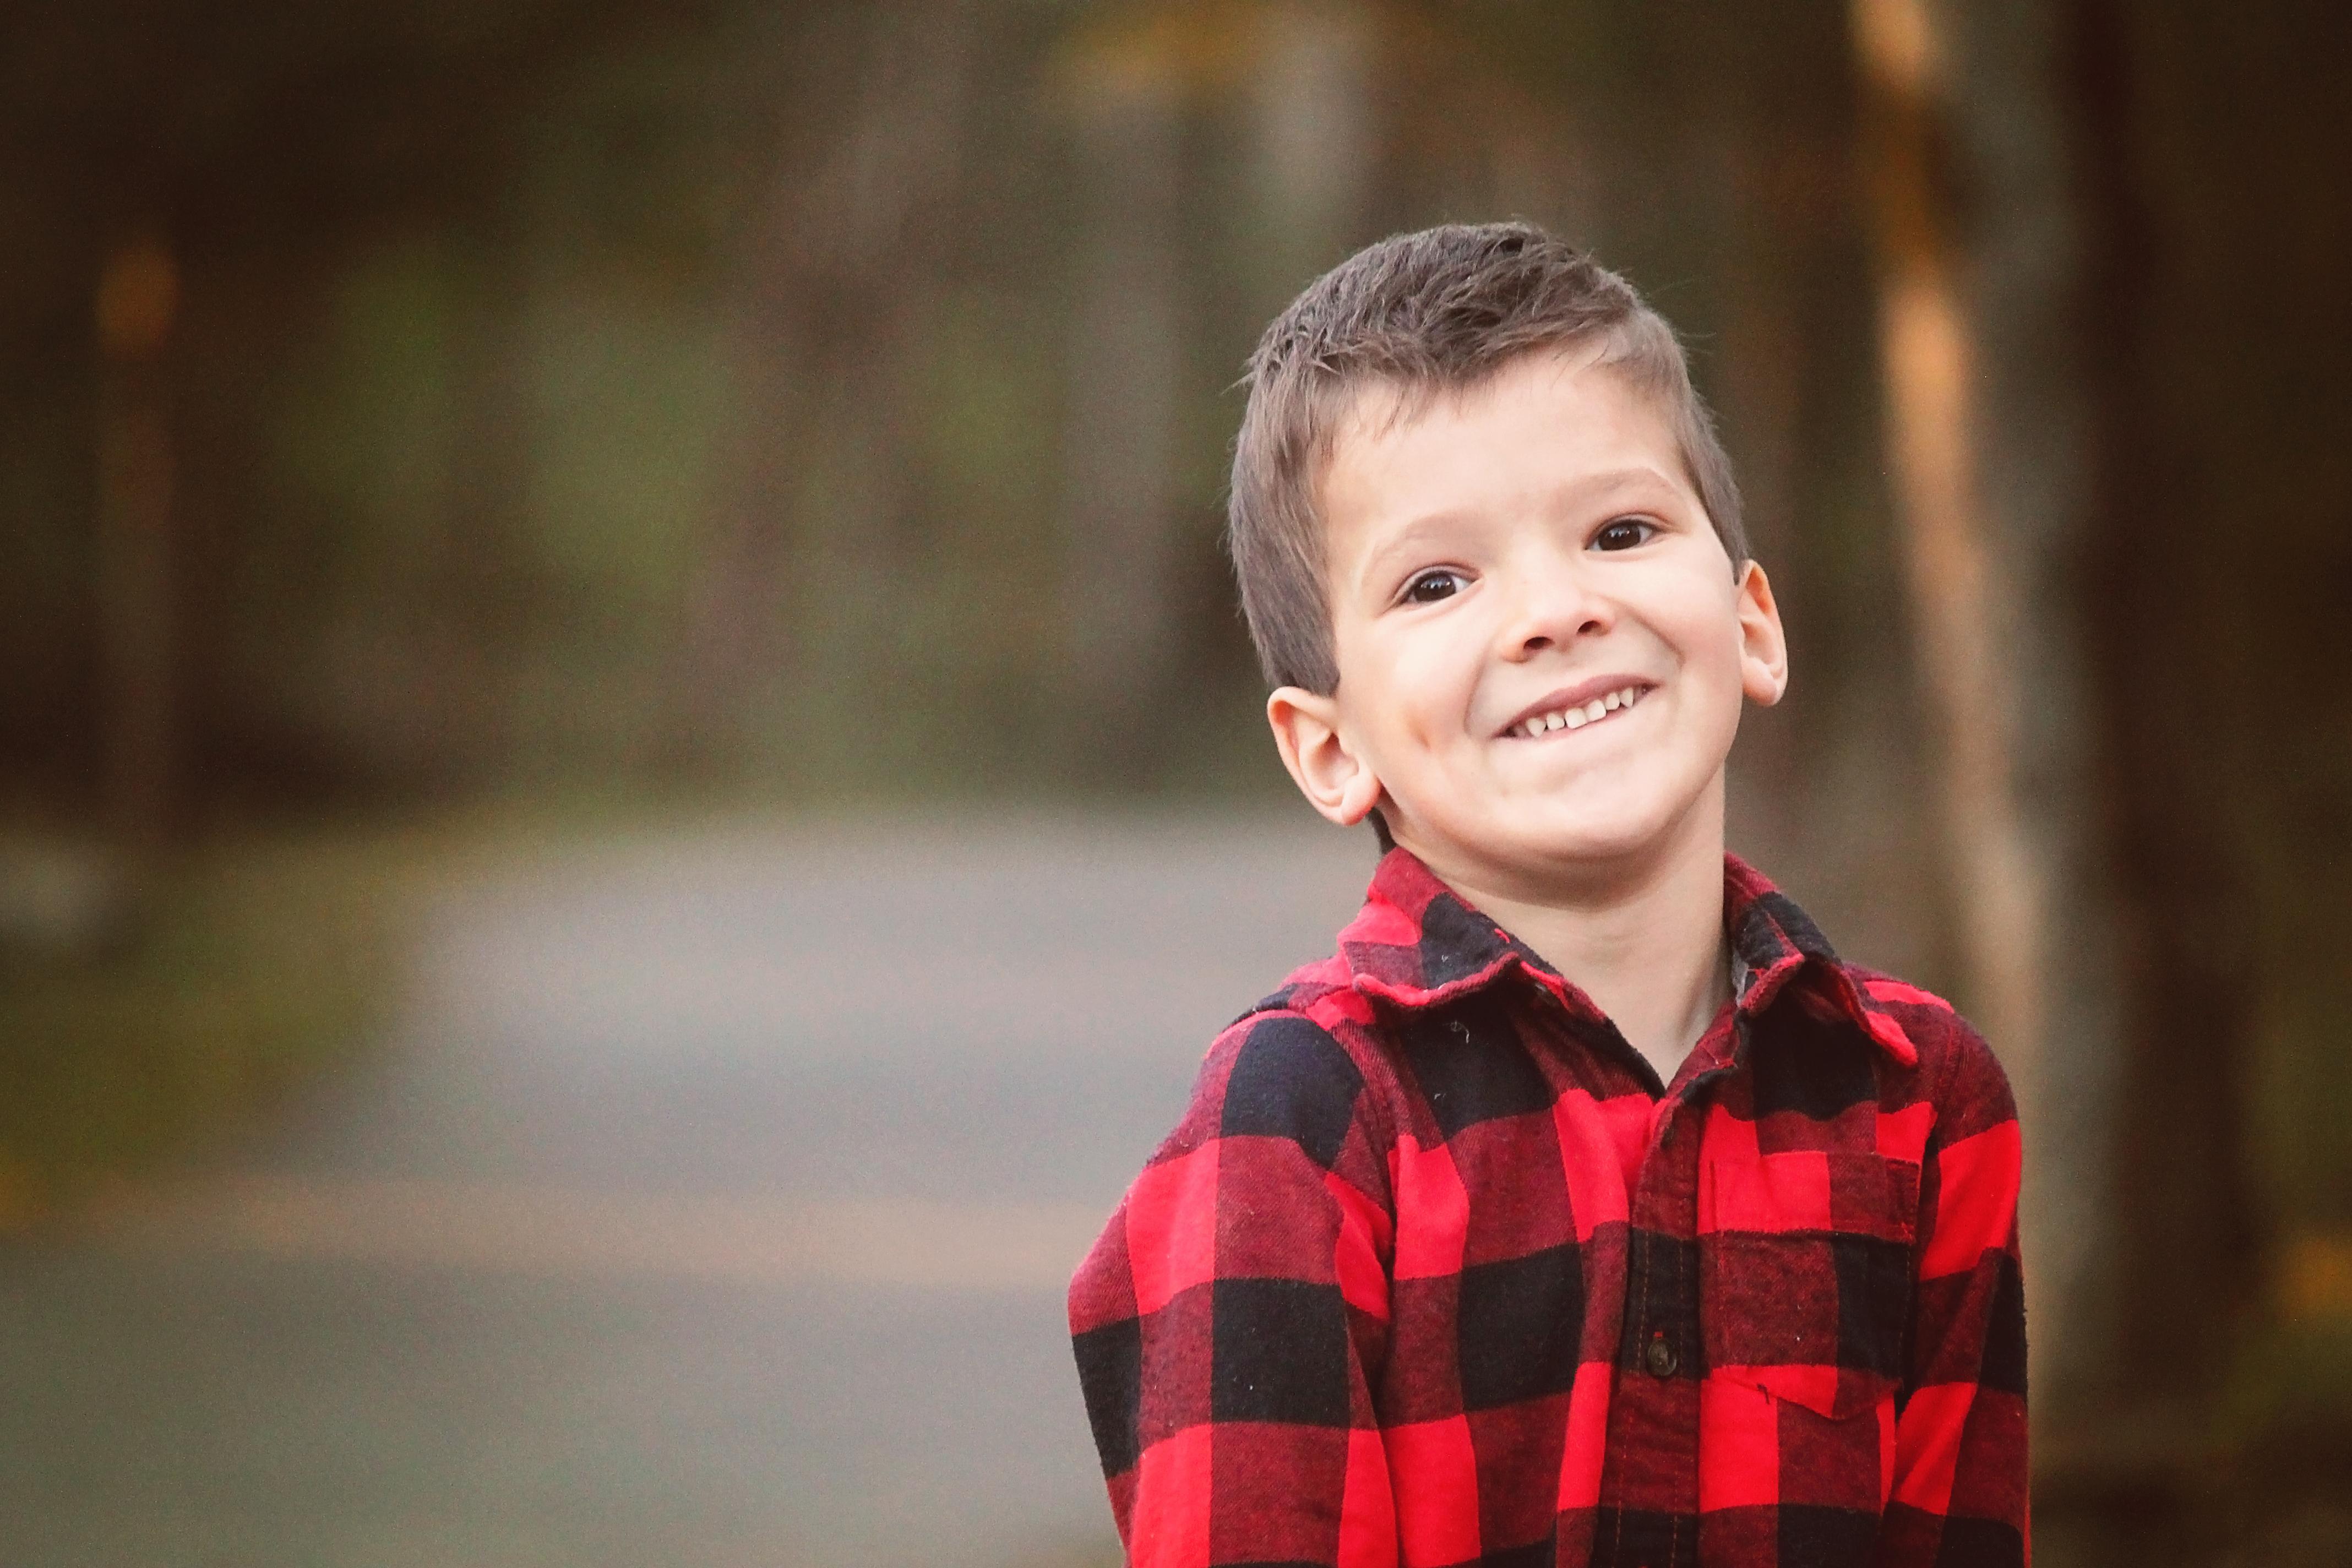 Micah Craniosynostosis After 2nd Surgery